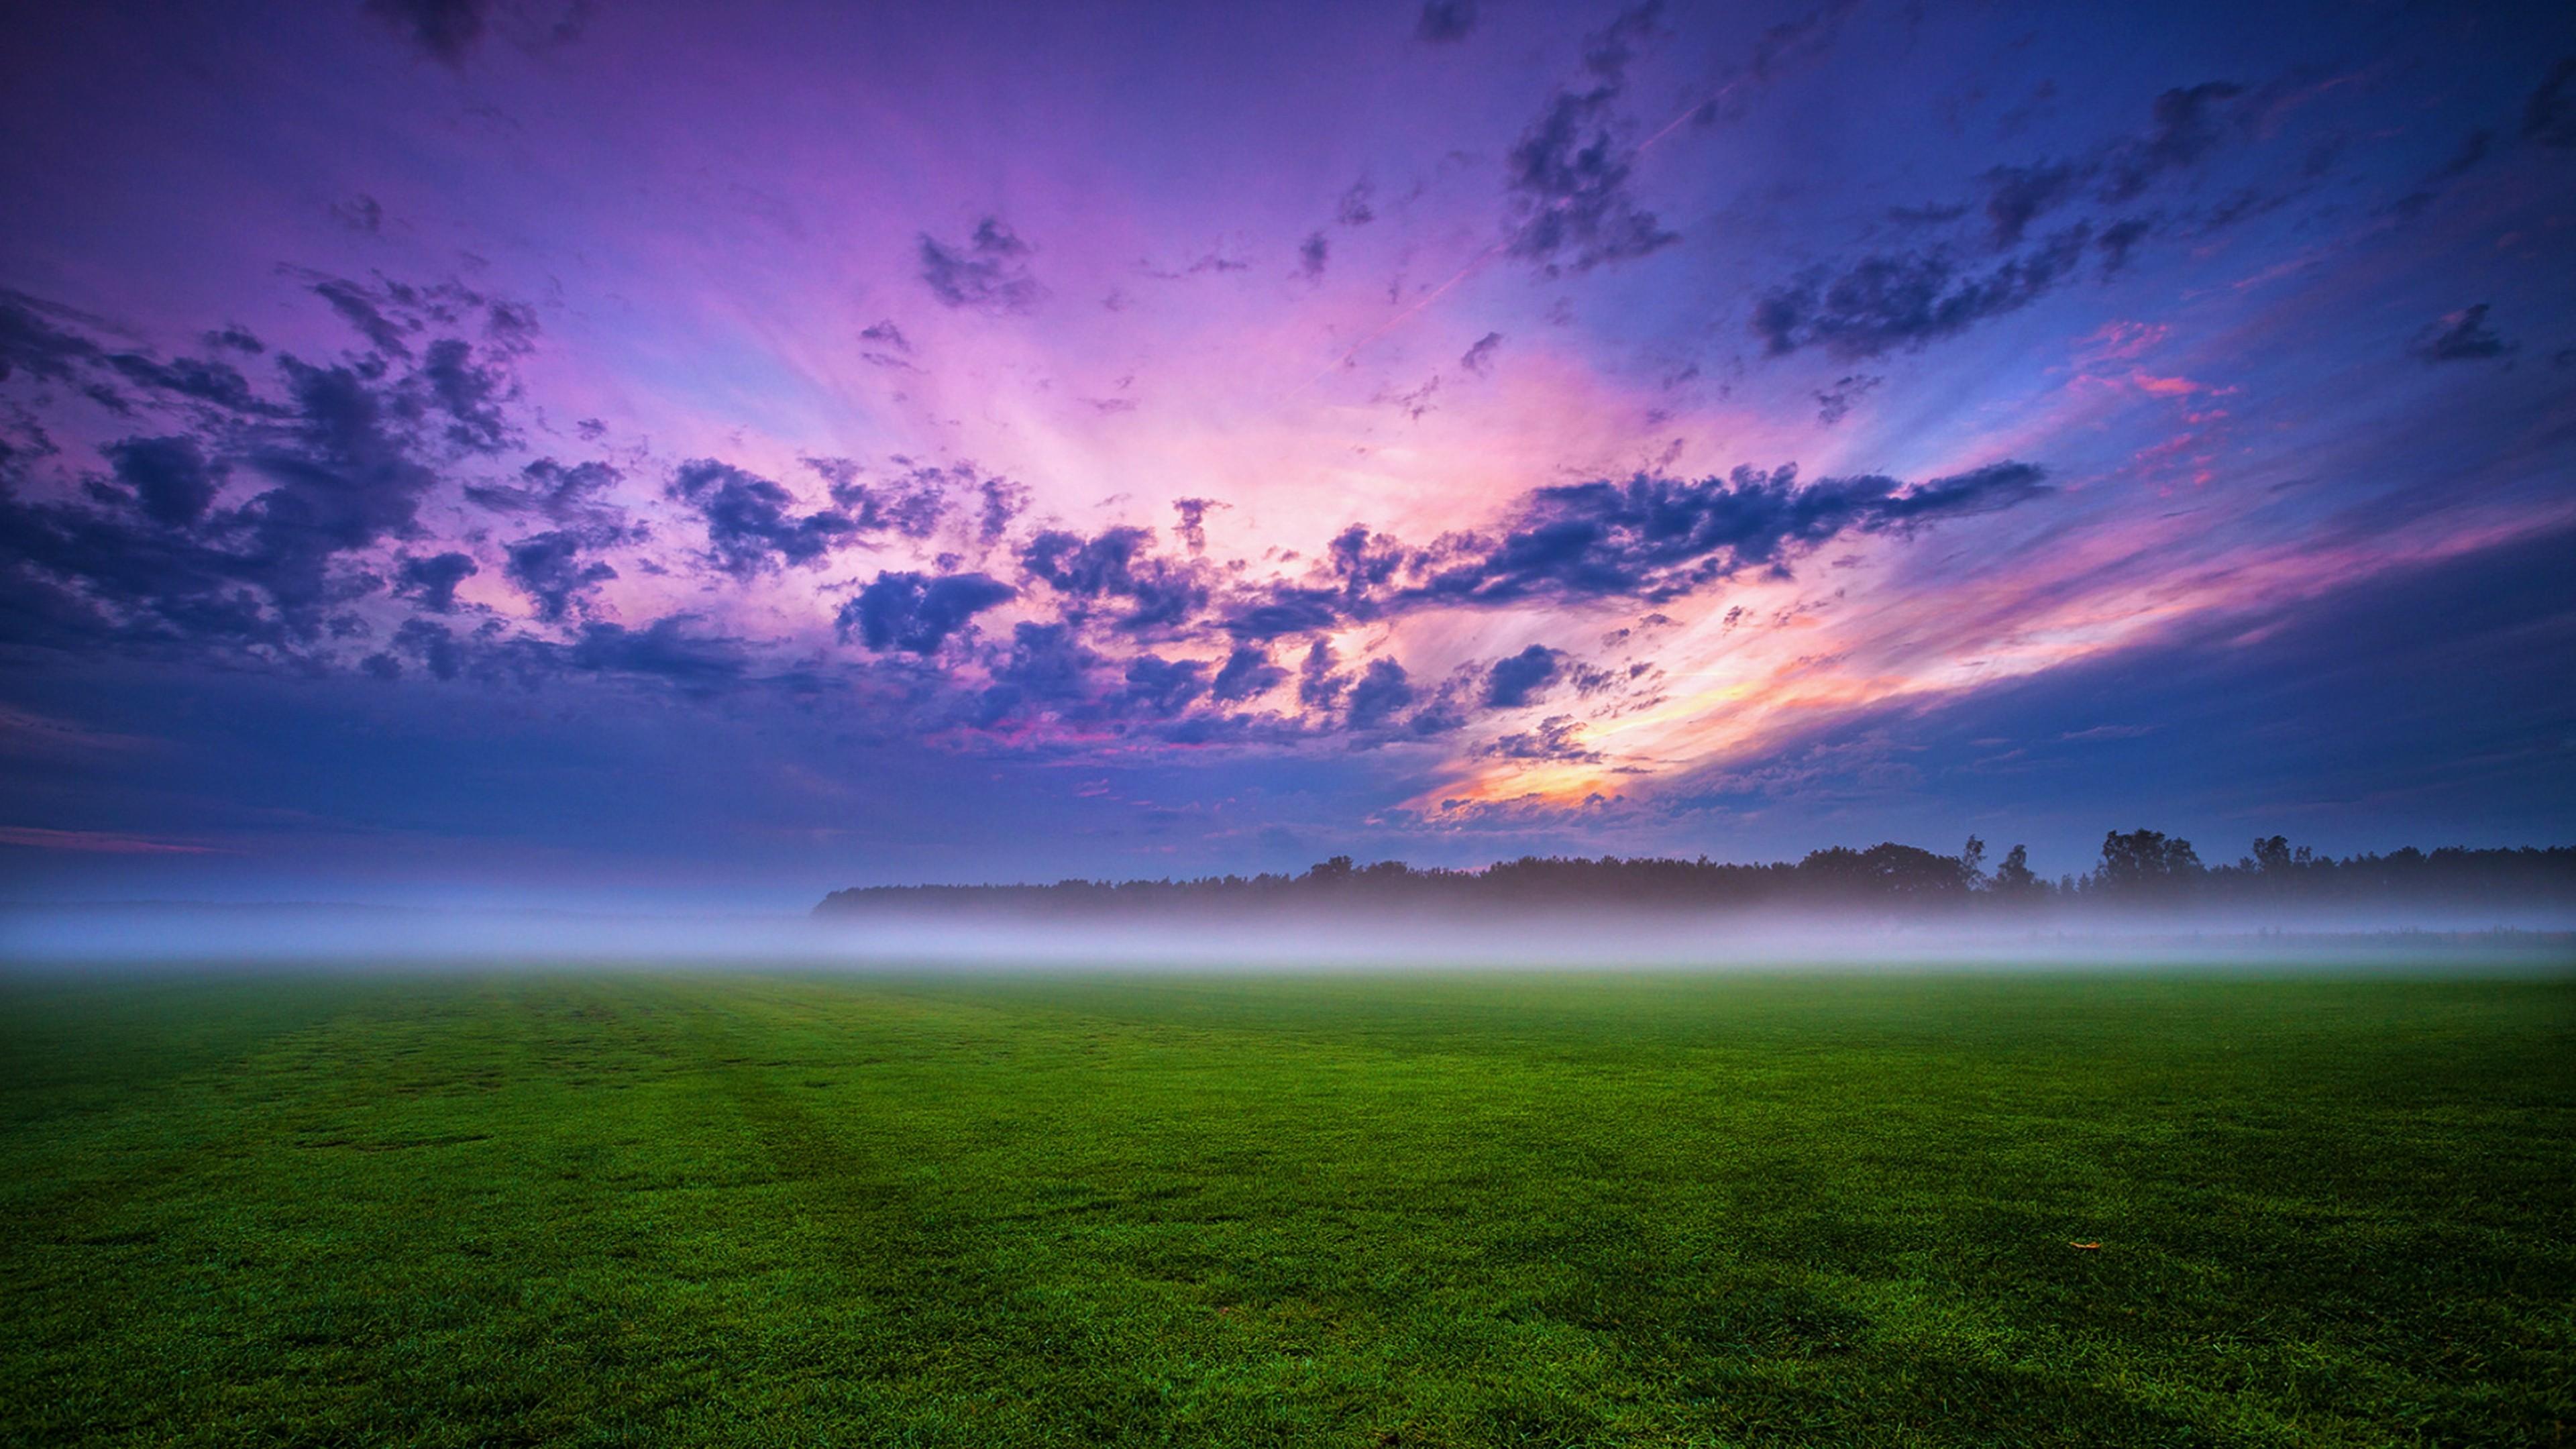 небо закат деревья онлайн